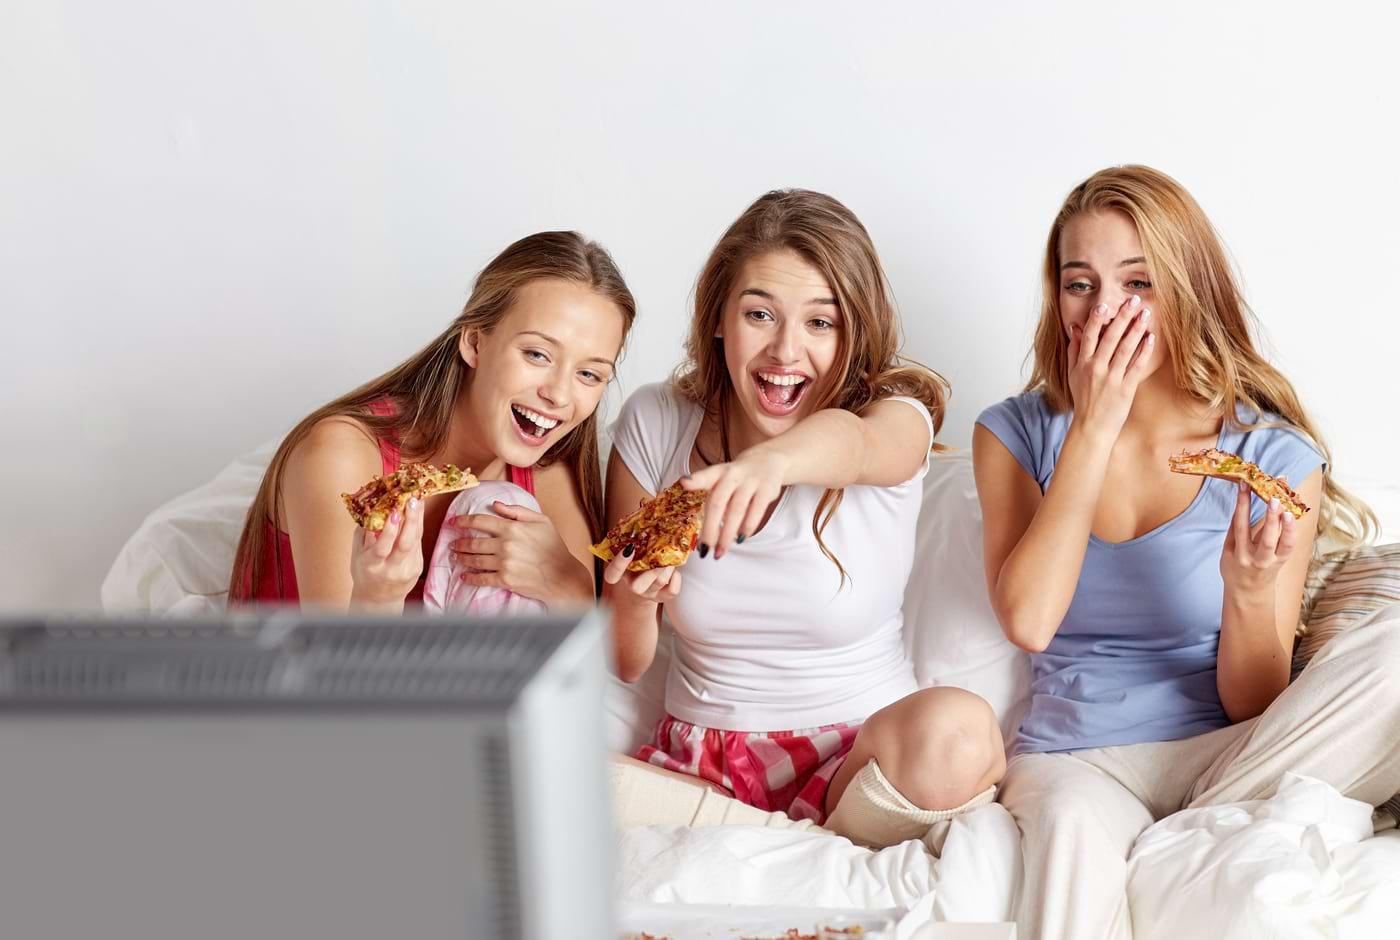 Cum influențează expunerea TV activitatea sexuală a adolescenților?